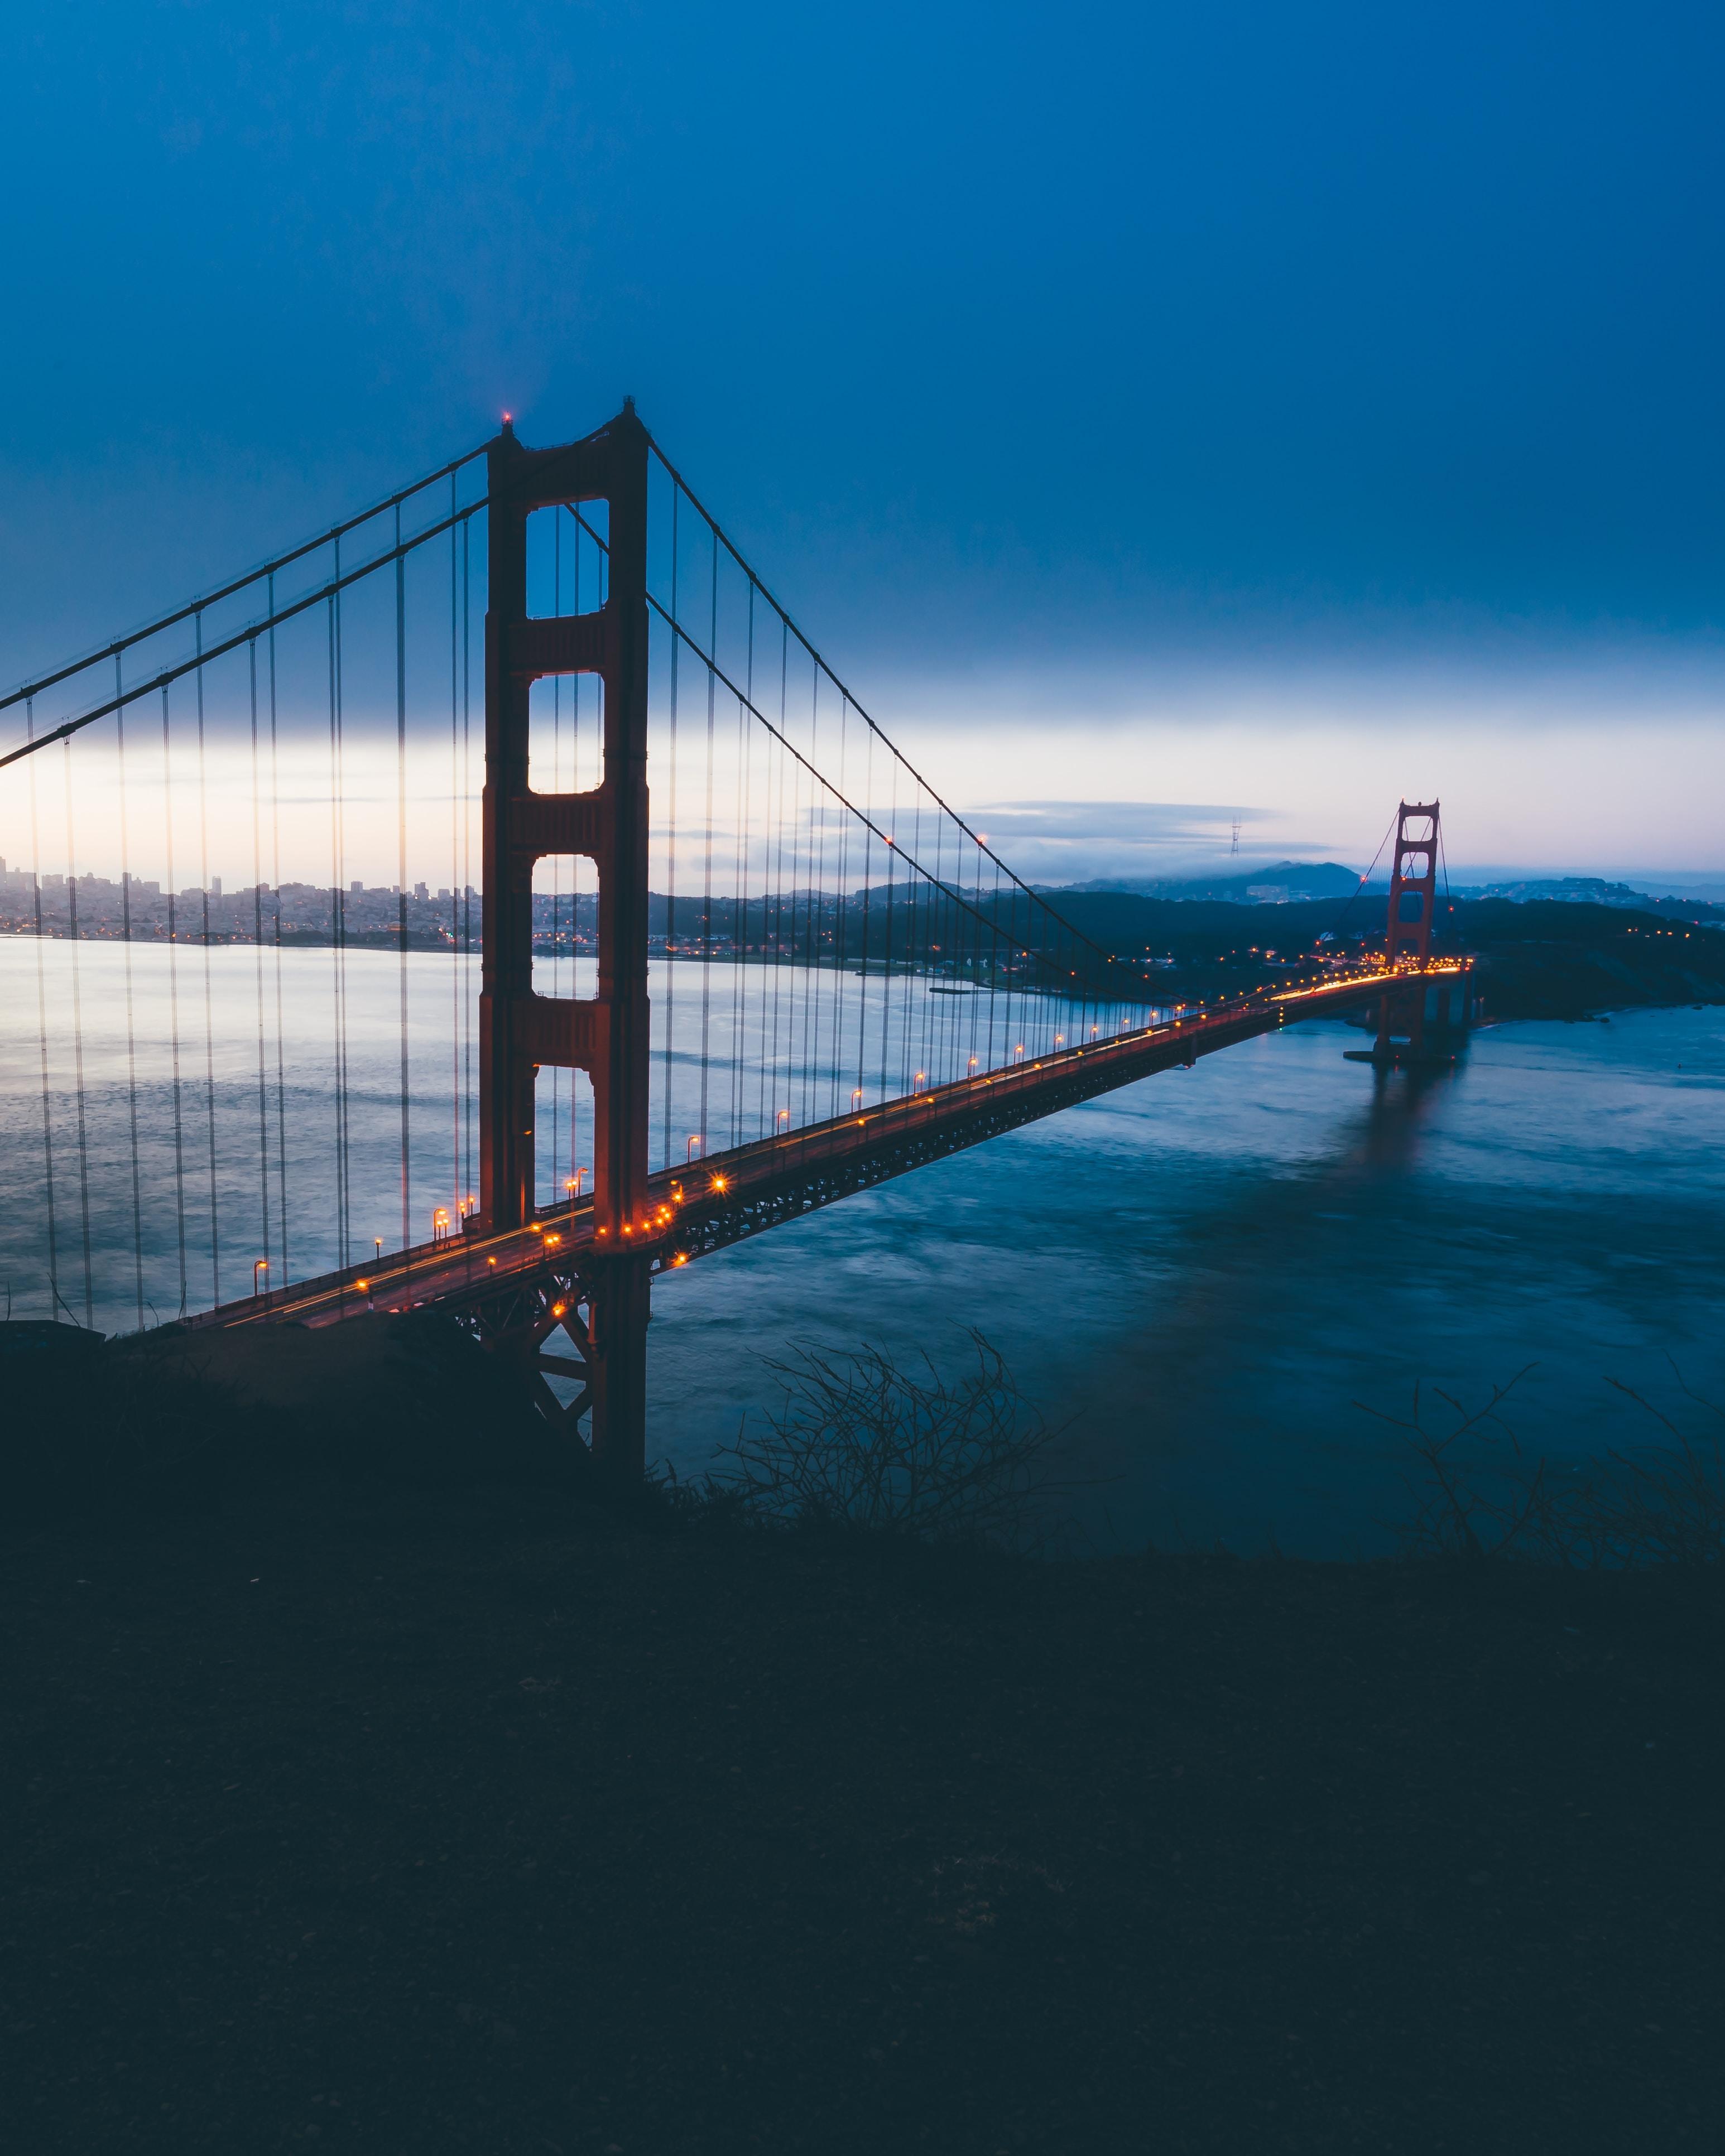 Glowing lights along the Golden Gate Bridge on an evening